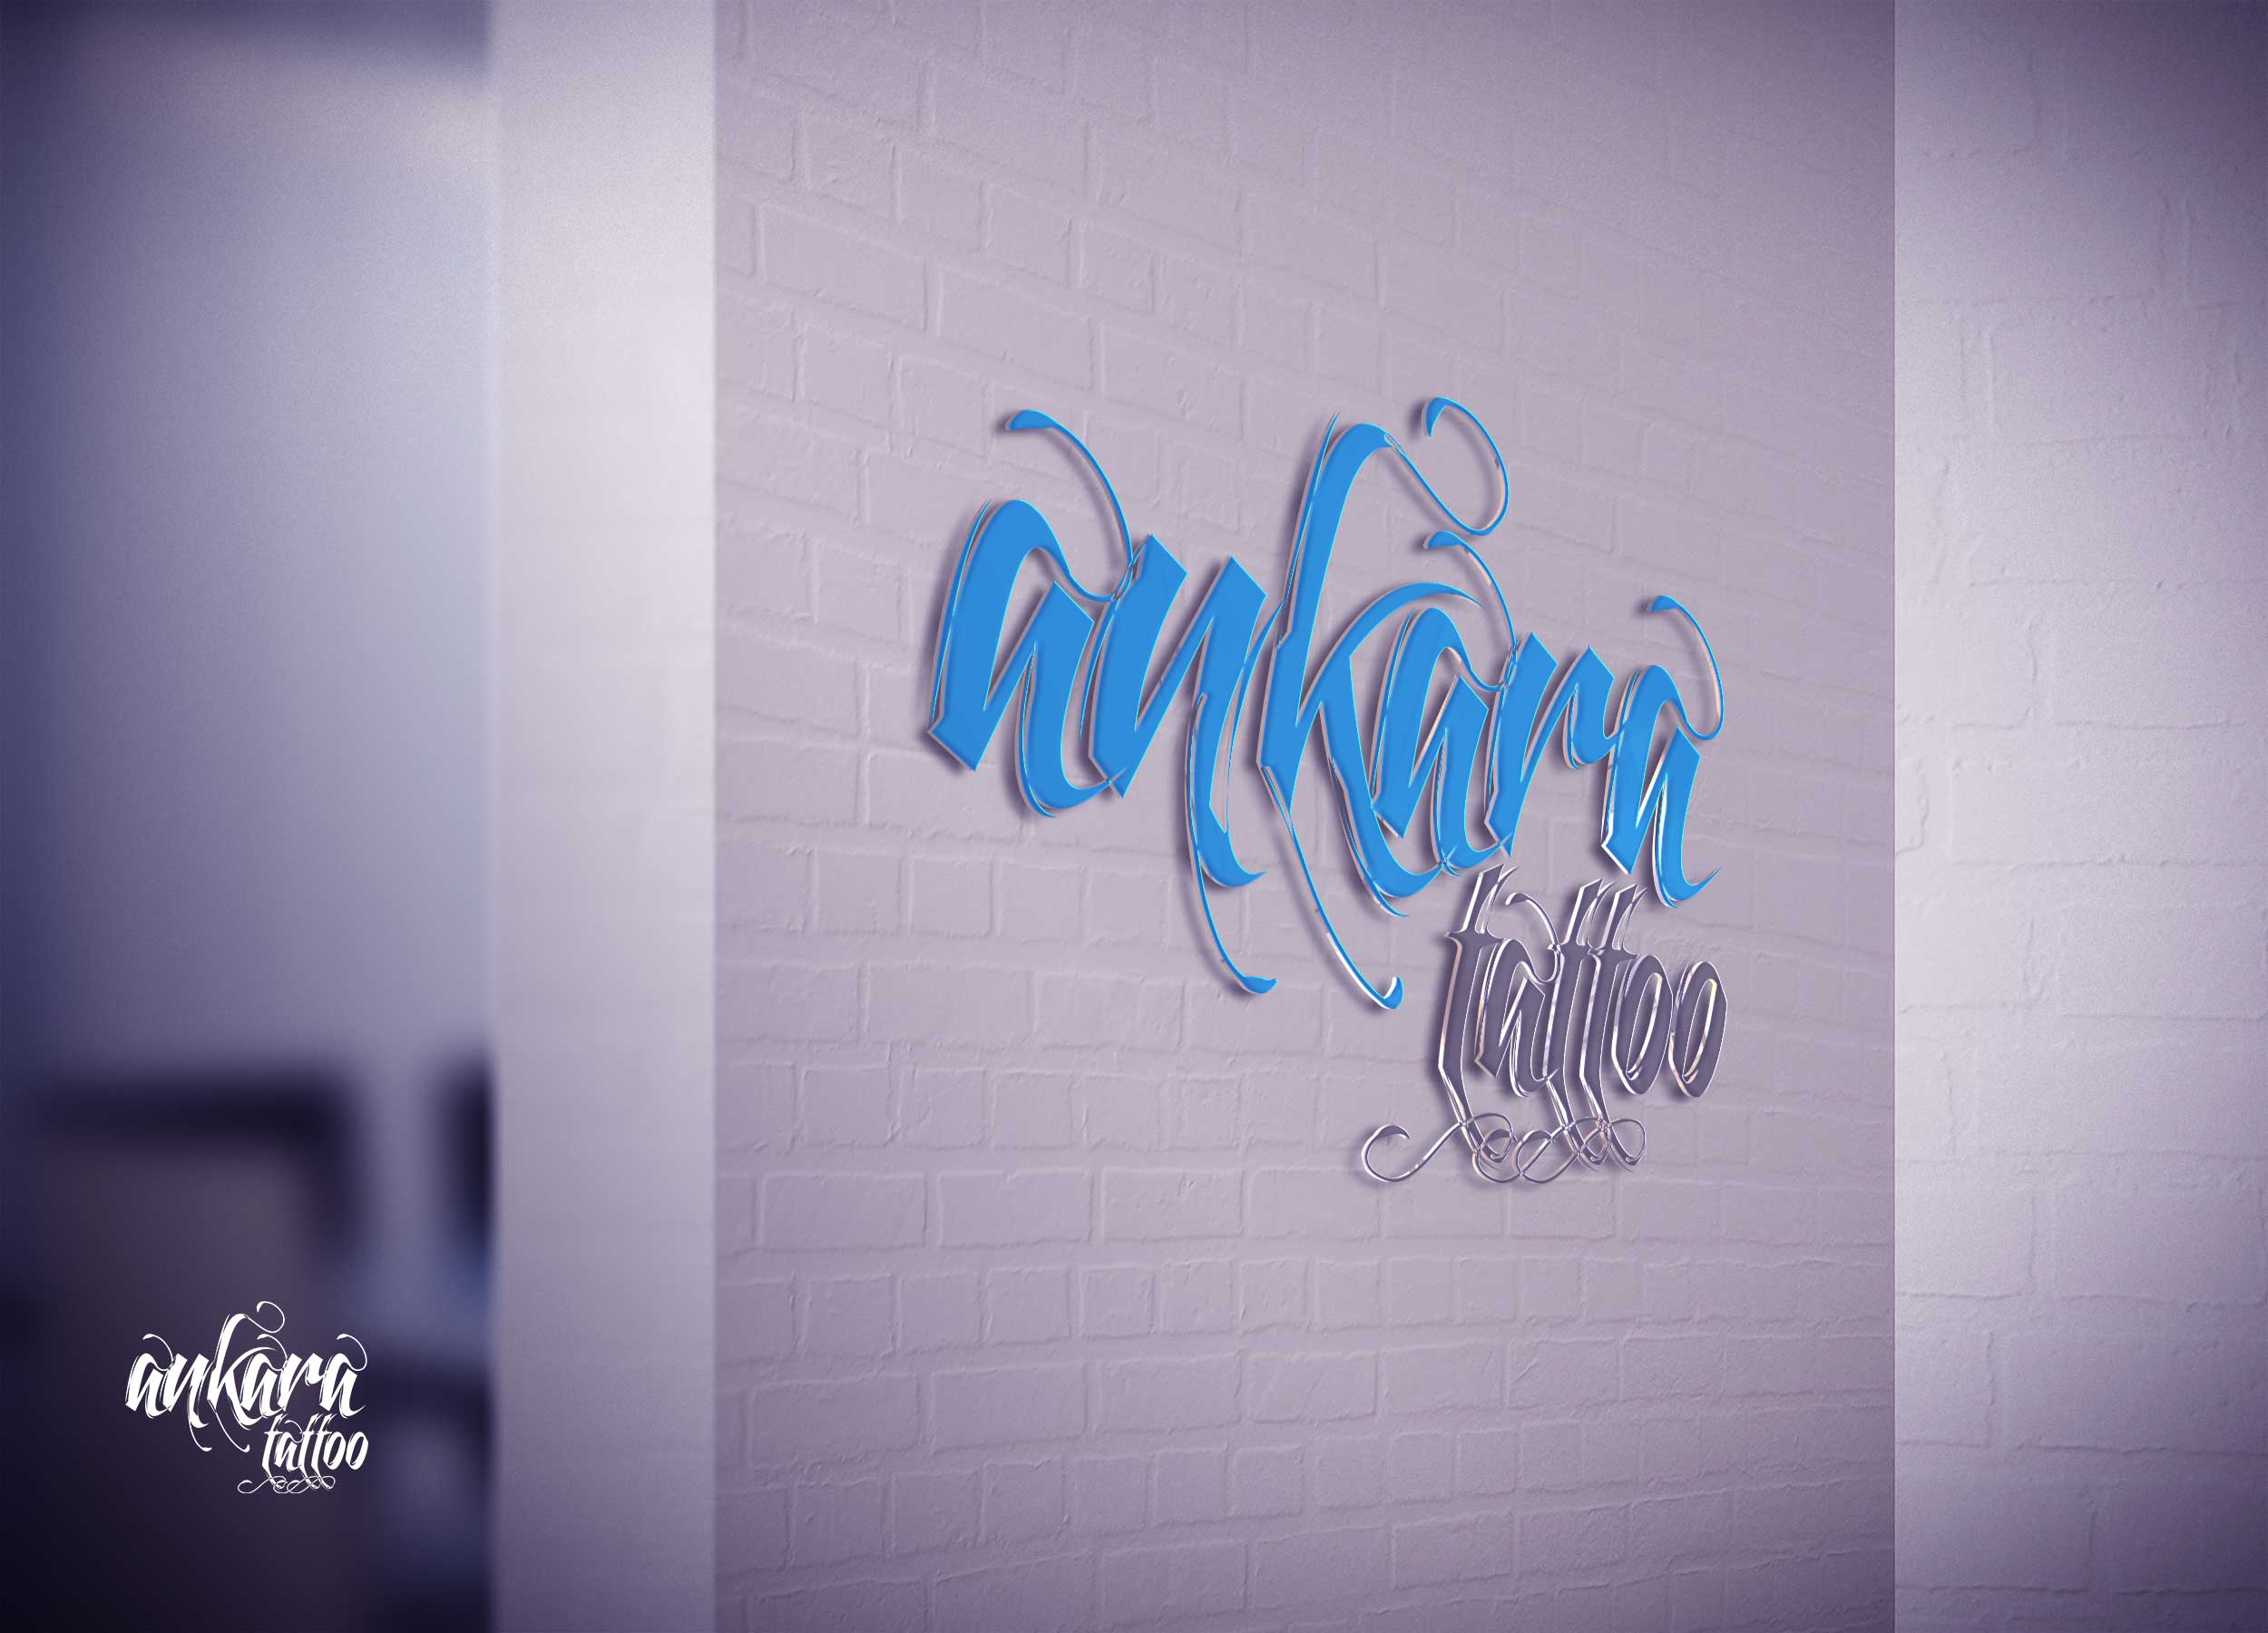 ankara_tattoo_after